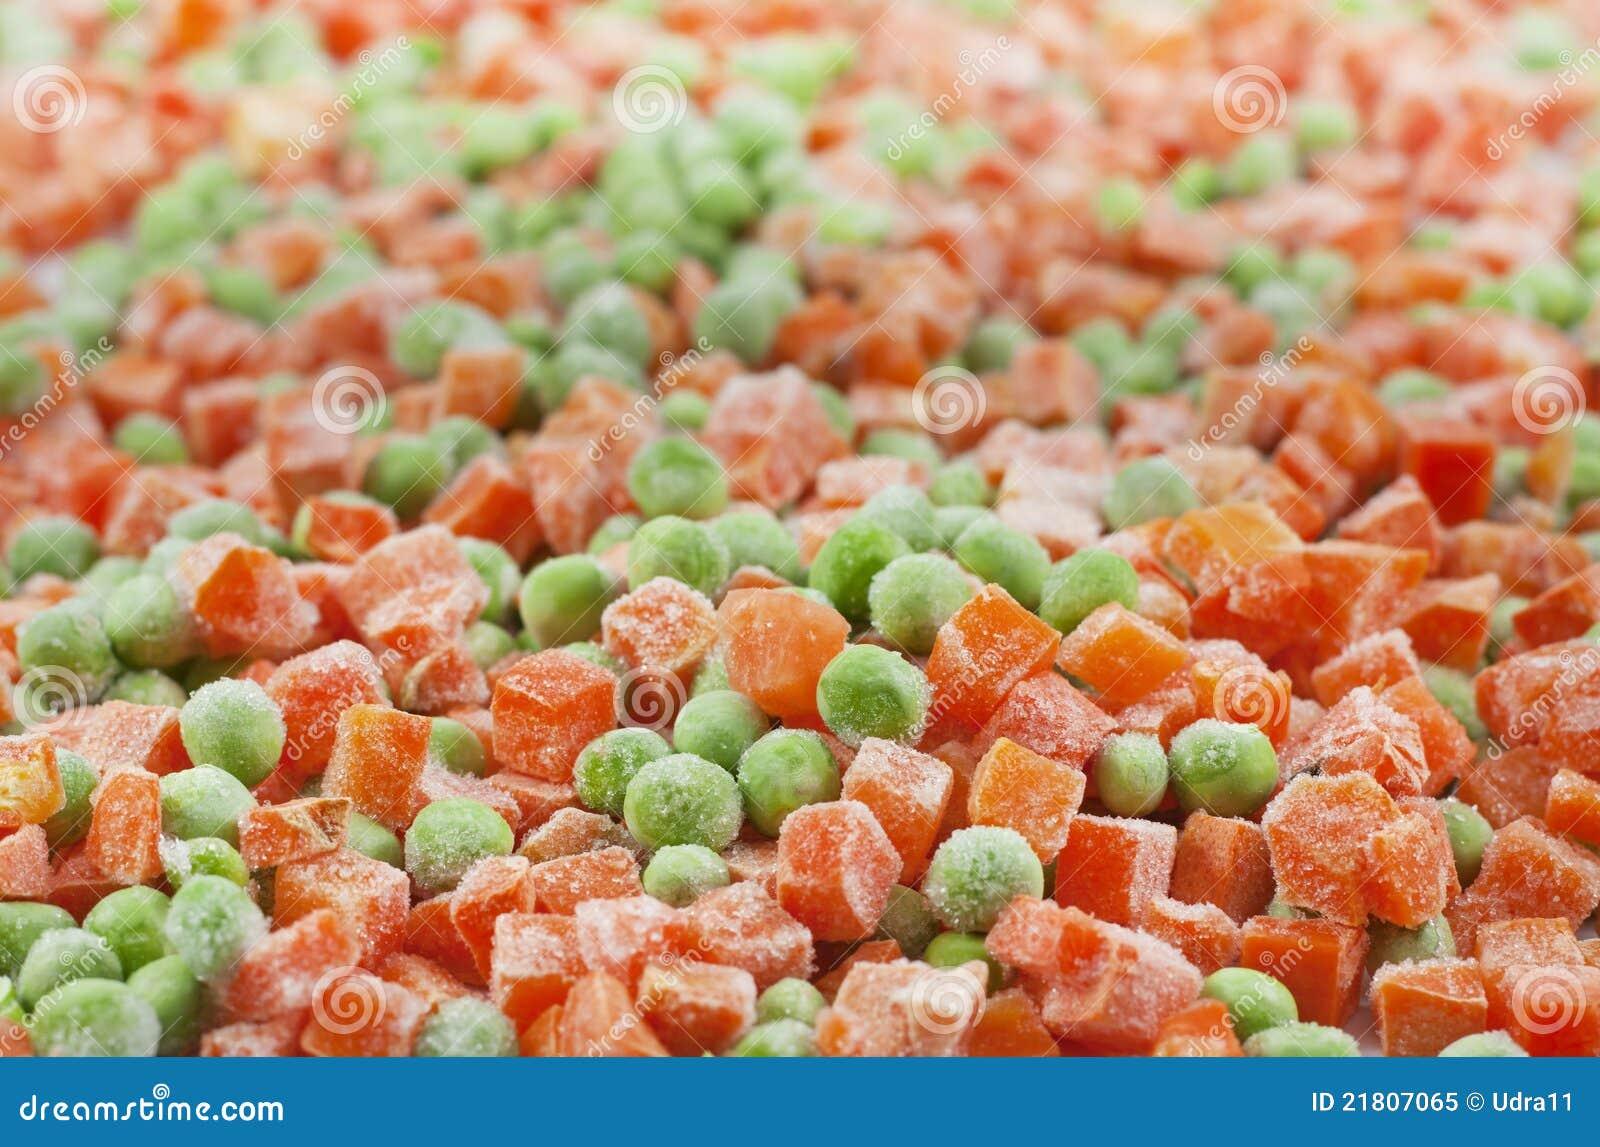 红萝卜食物冻结的豌豆